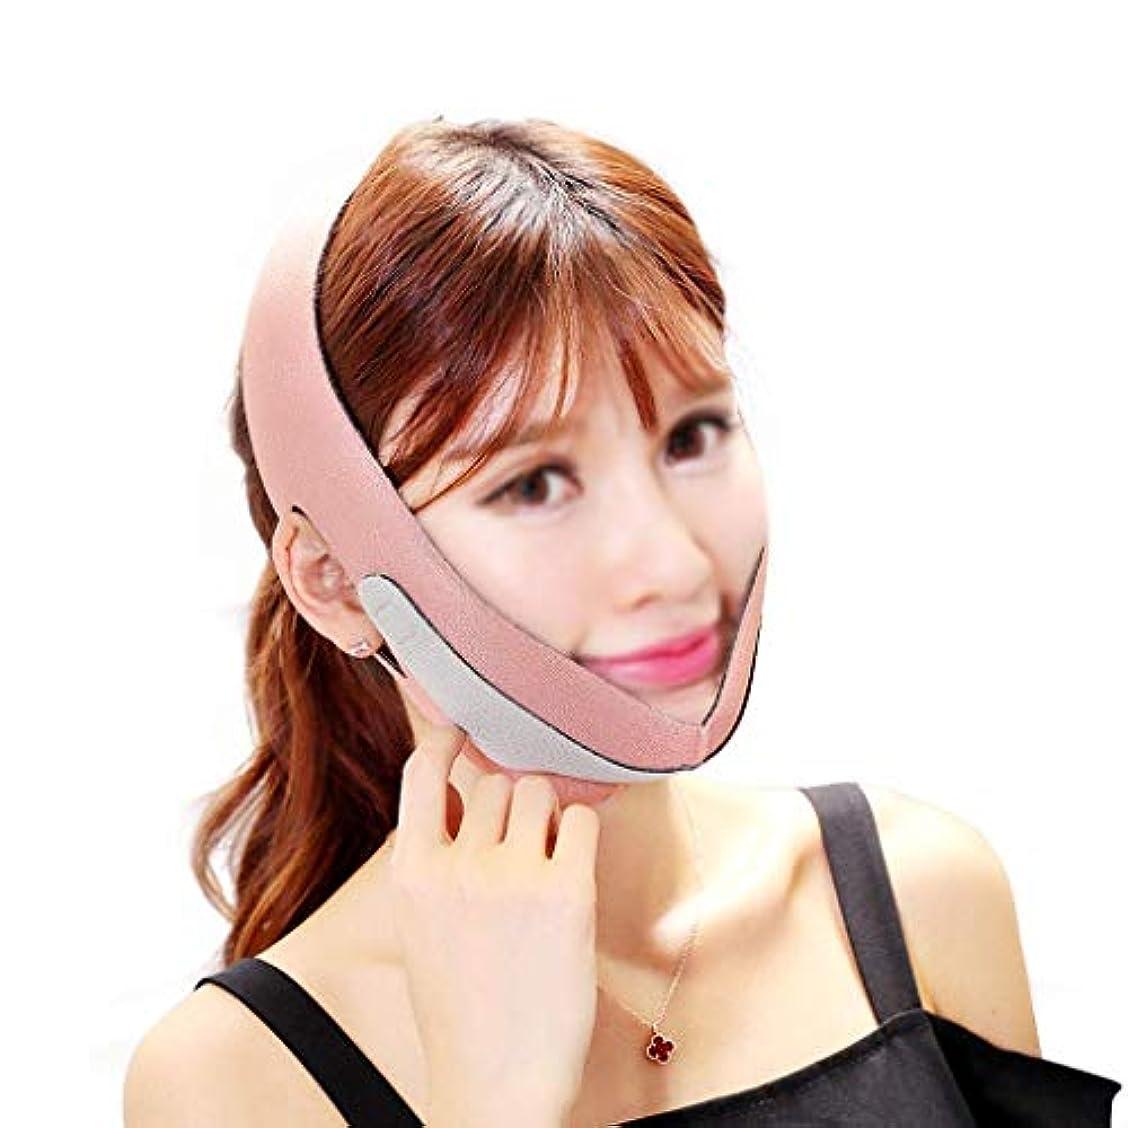 女王キウイ不快フェイスリフティングバンデージ、V字型の顔を作成するためのダブルチン/リフティングタイトスキンバンデージマスクの販売(色:黒)